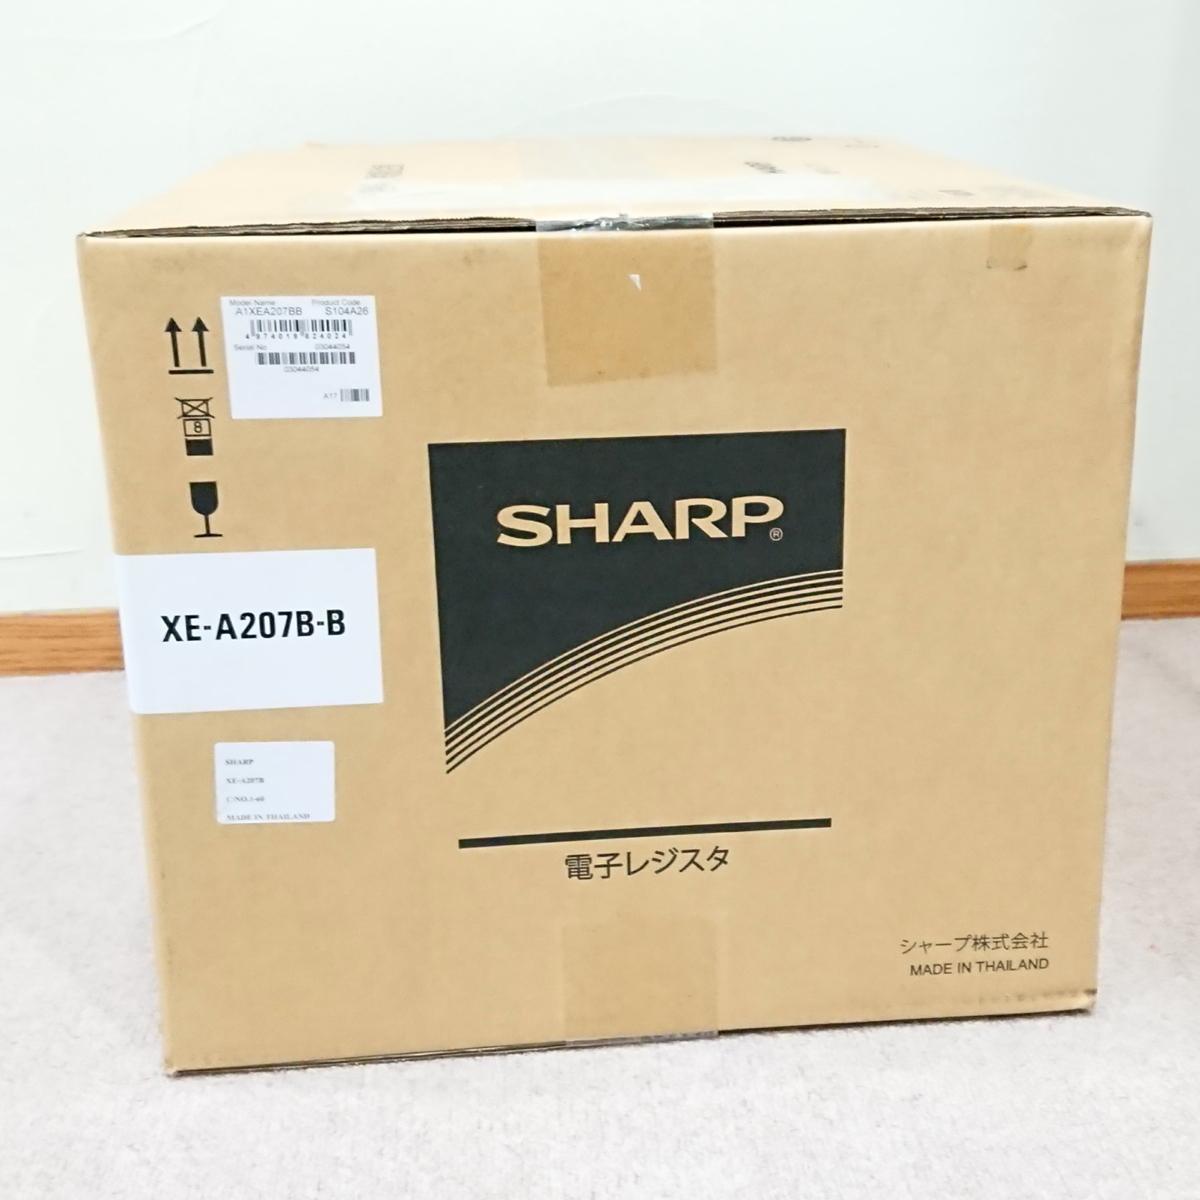 【新品未使用】SHARP シャープ 電子レジスタ XE-A207B-B 軽減税率対応_画像3